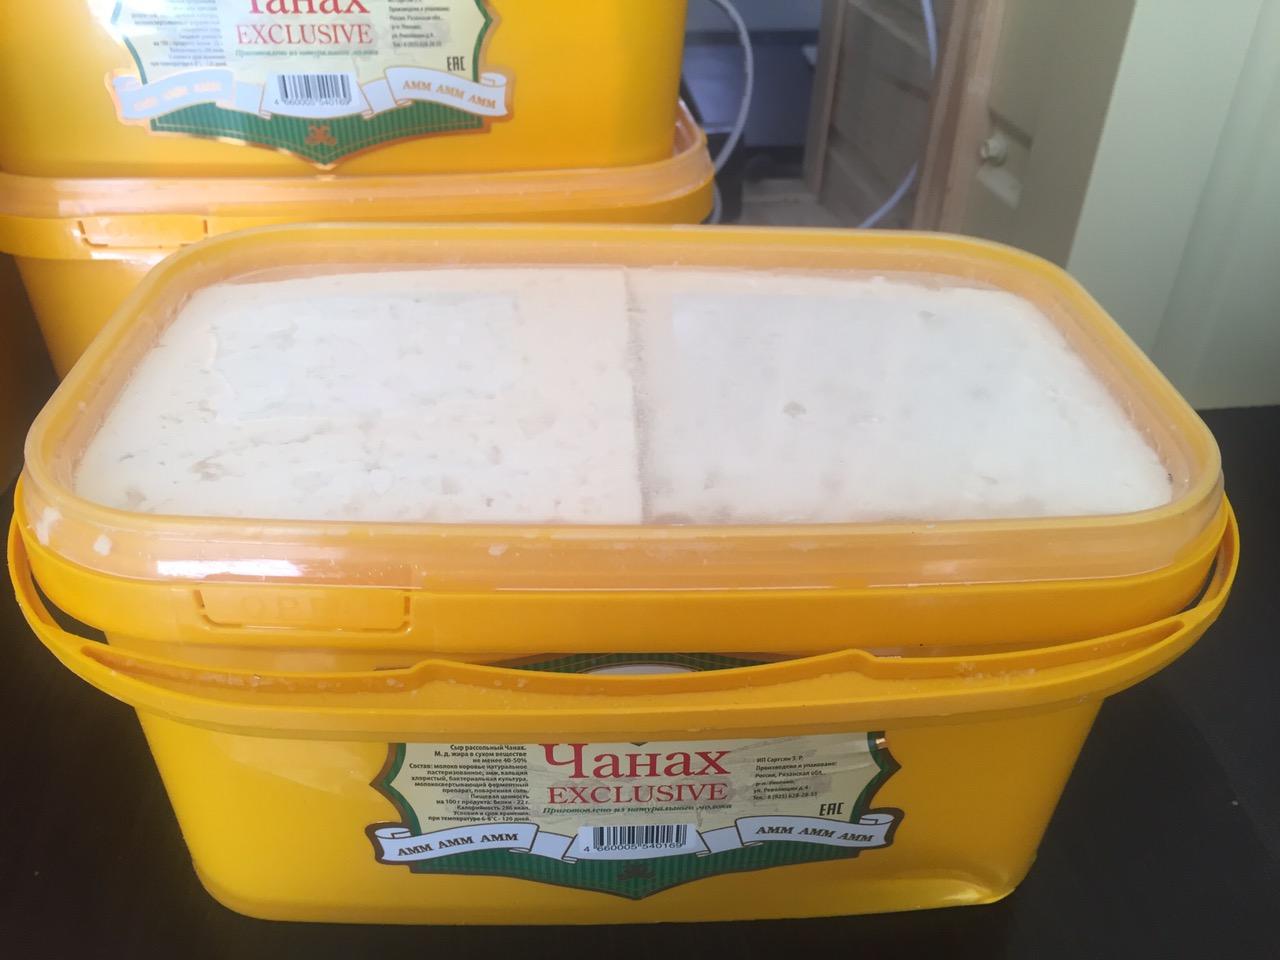 Что такое сыр чанах, его вкус и польза и лучшие рецепты блюд с ним